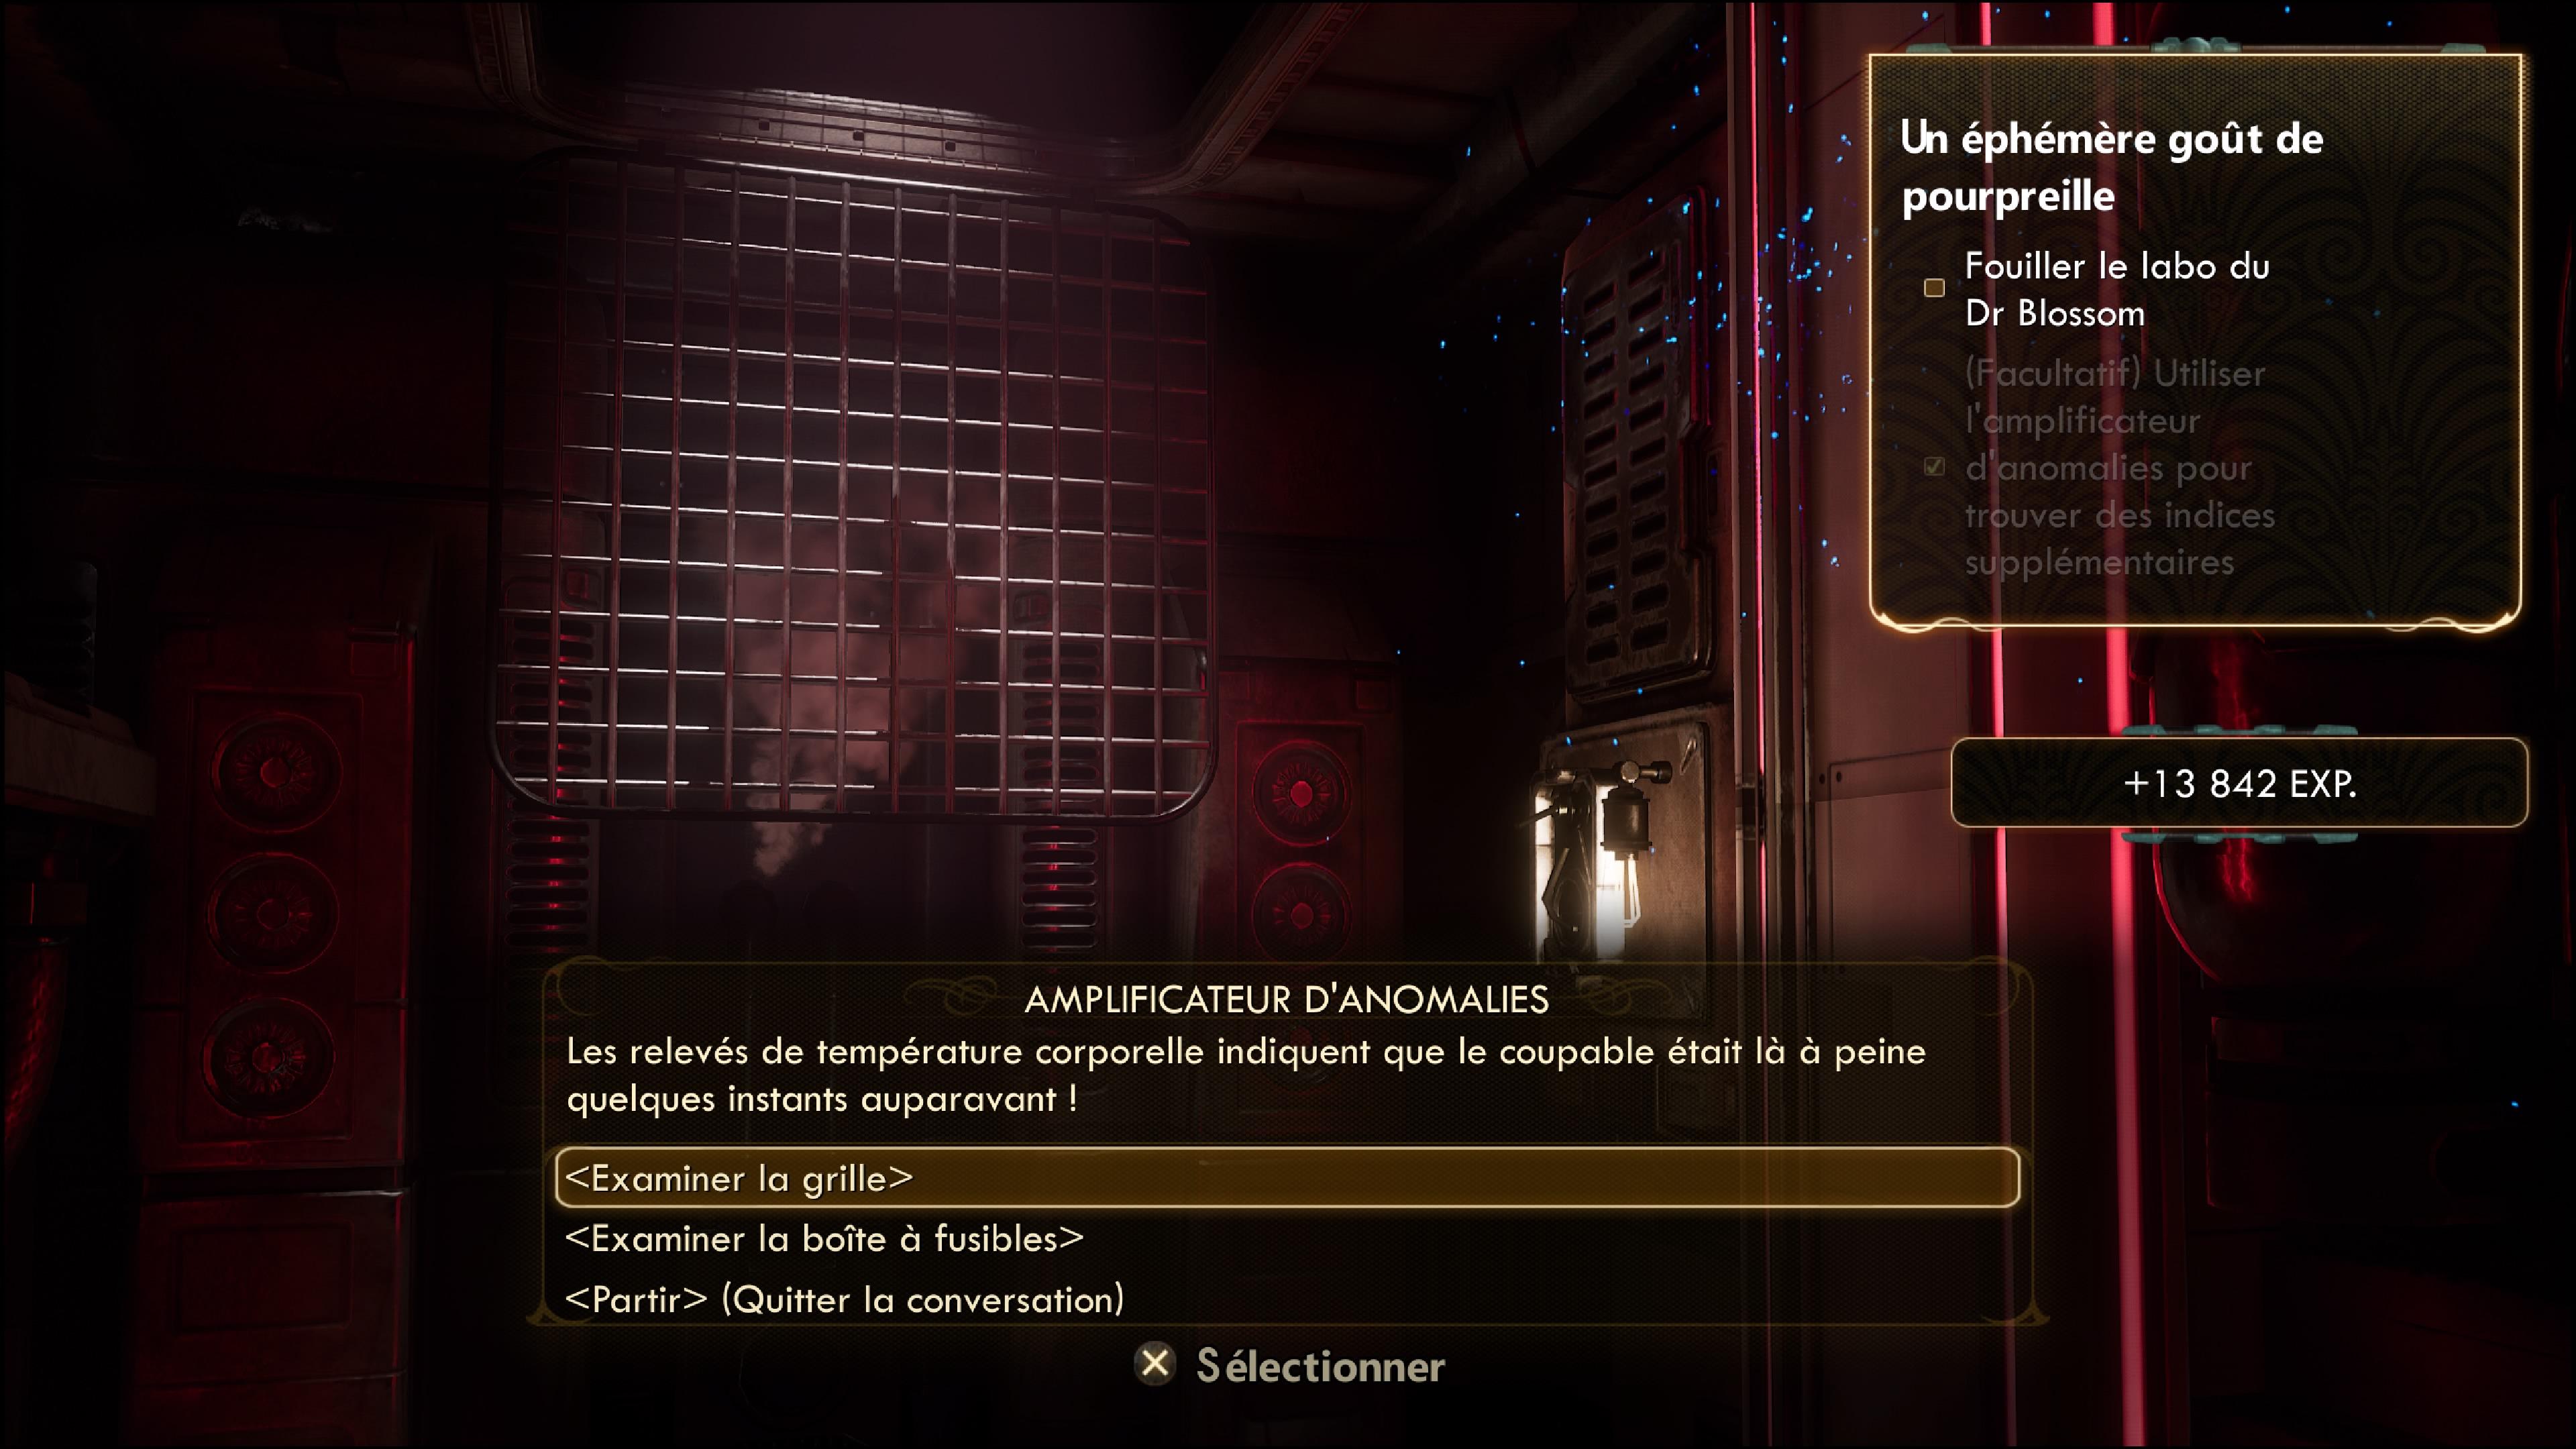 TheOuterWorlds-MeurtresurEridan PS4 Test 013